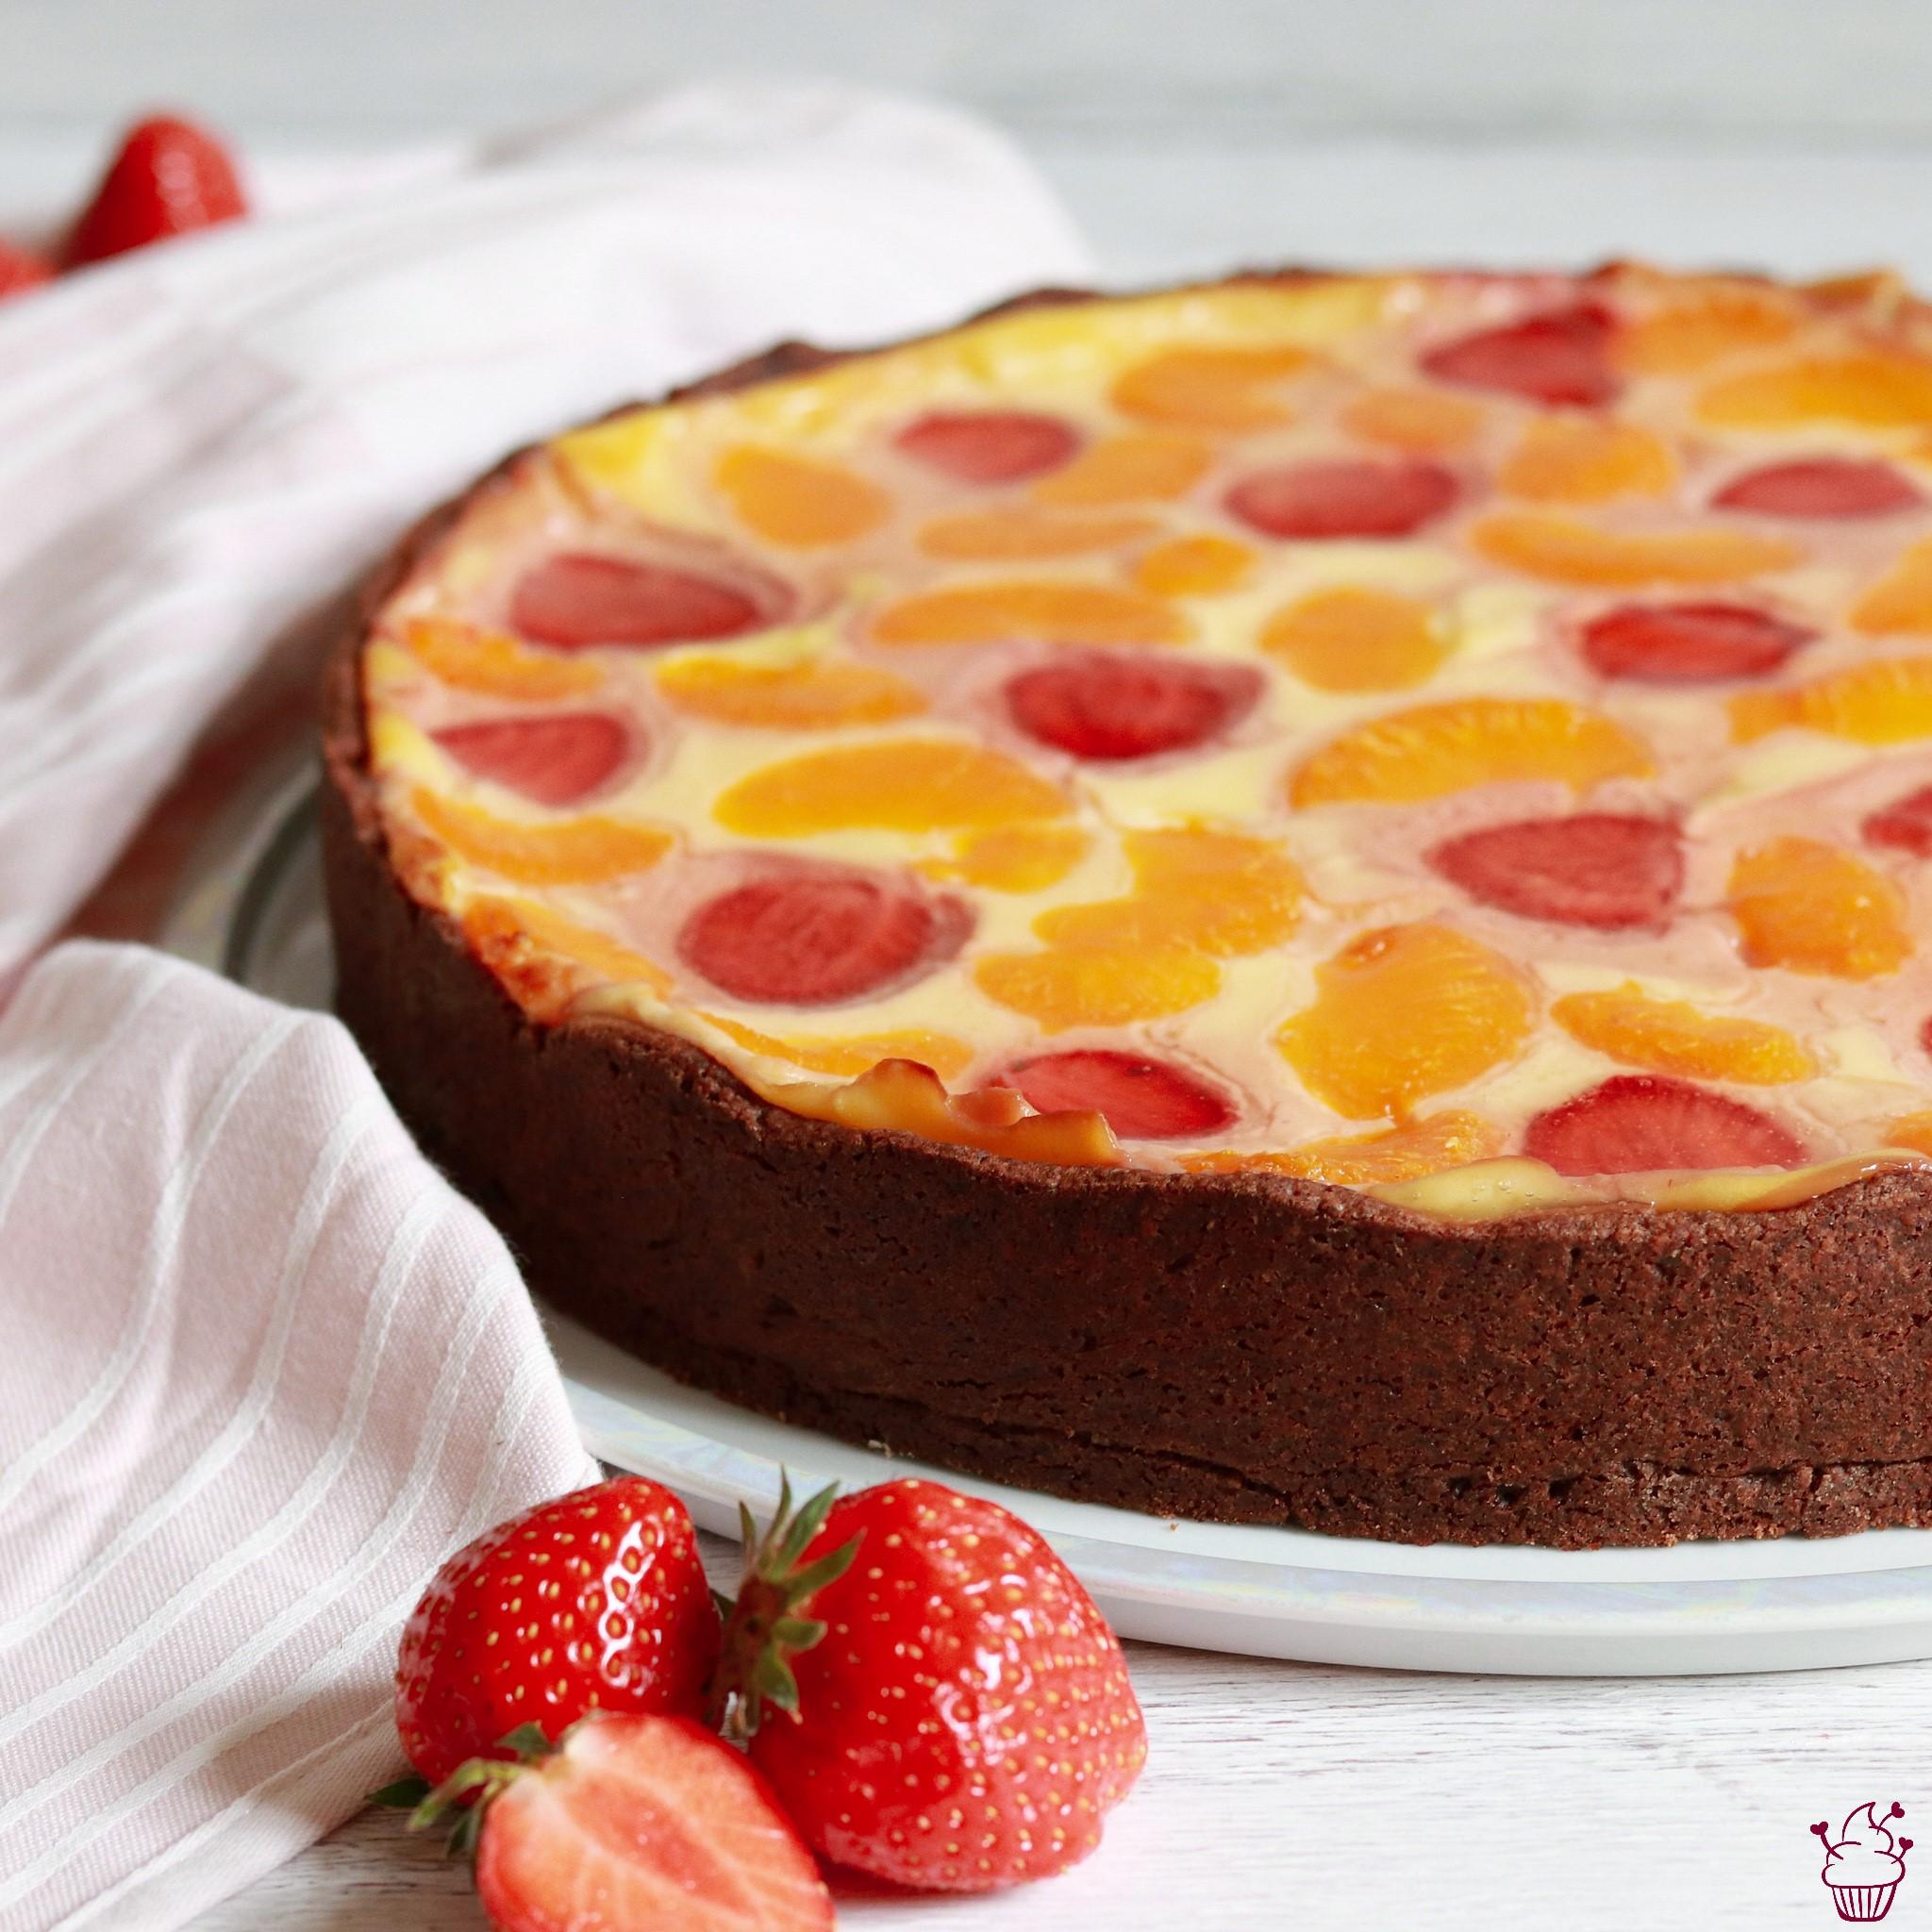 Vanille-Schmand-Kuchen mit Schokoboden und Früchten